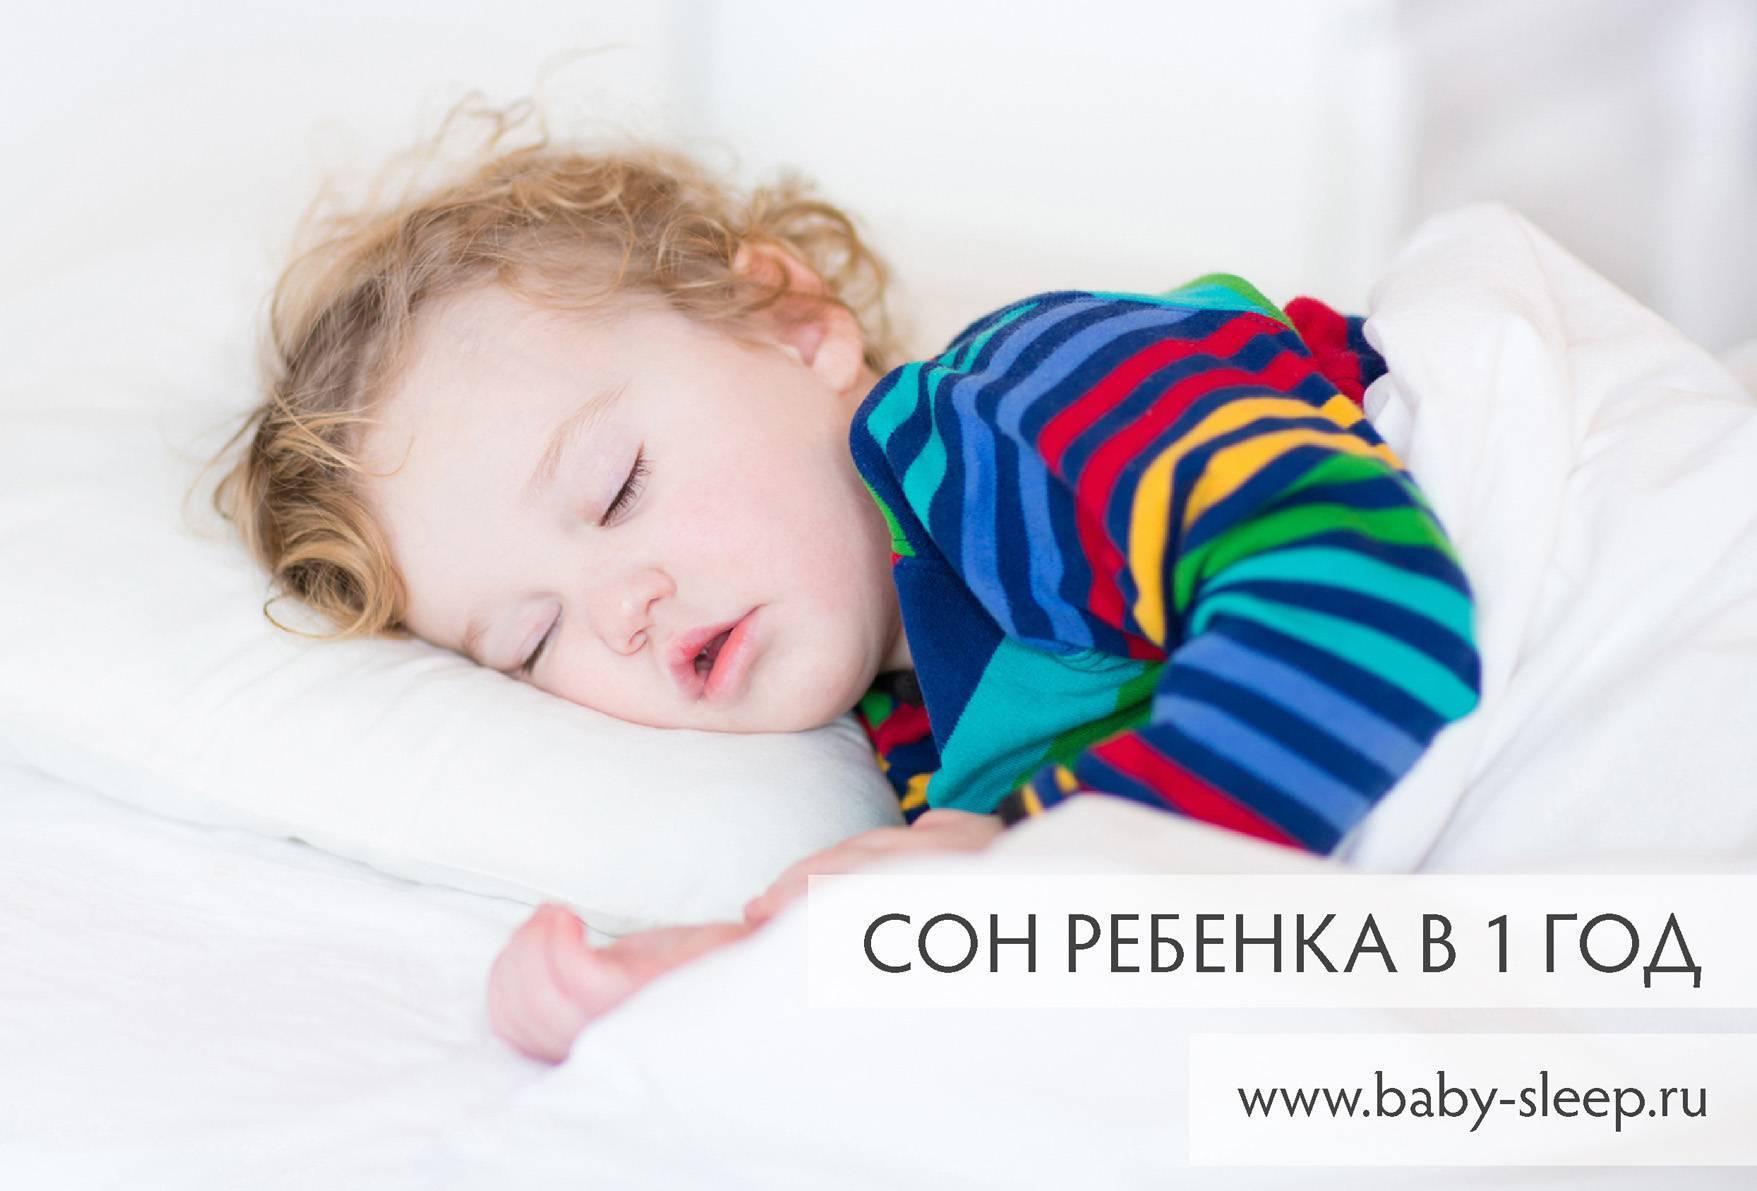 Маме на заметку: что делать, если у новорожденного красные глаза после родов